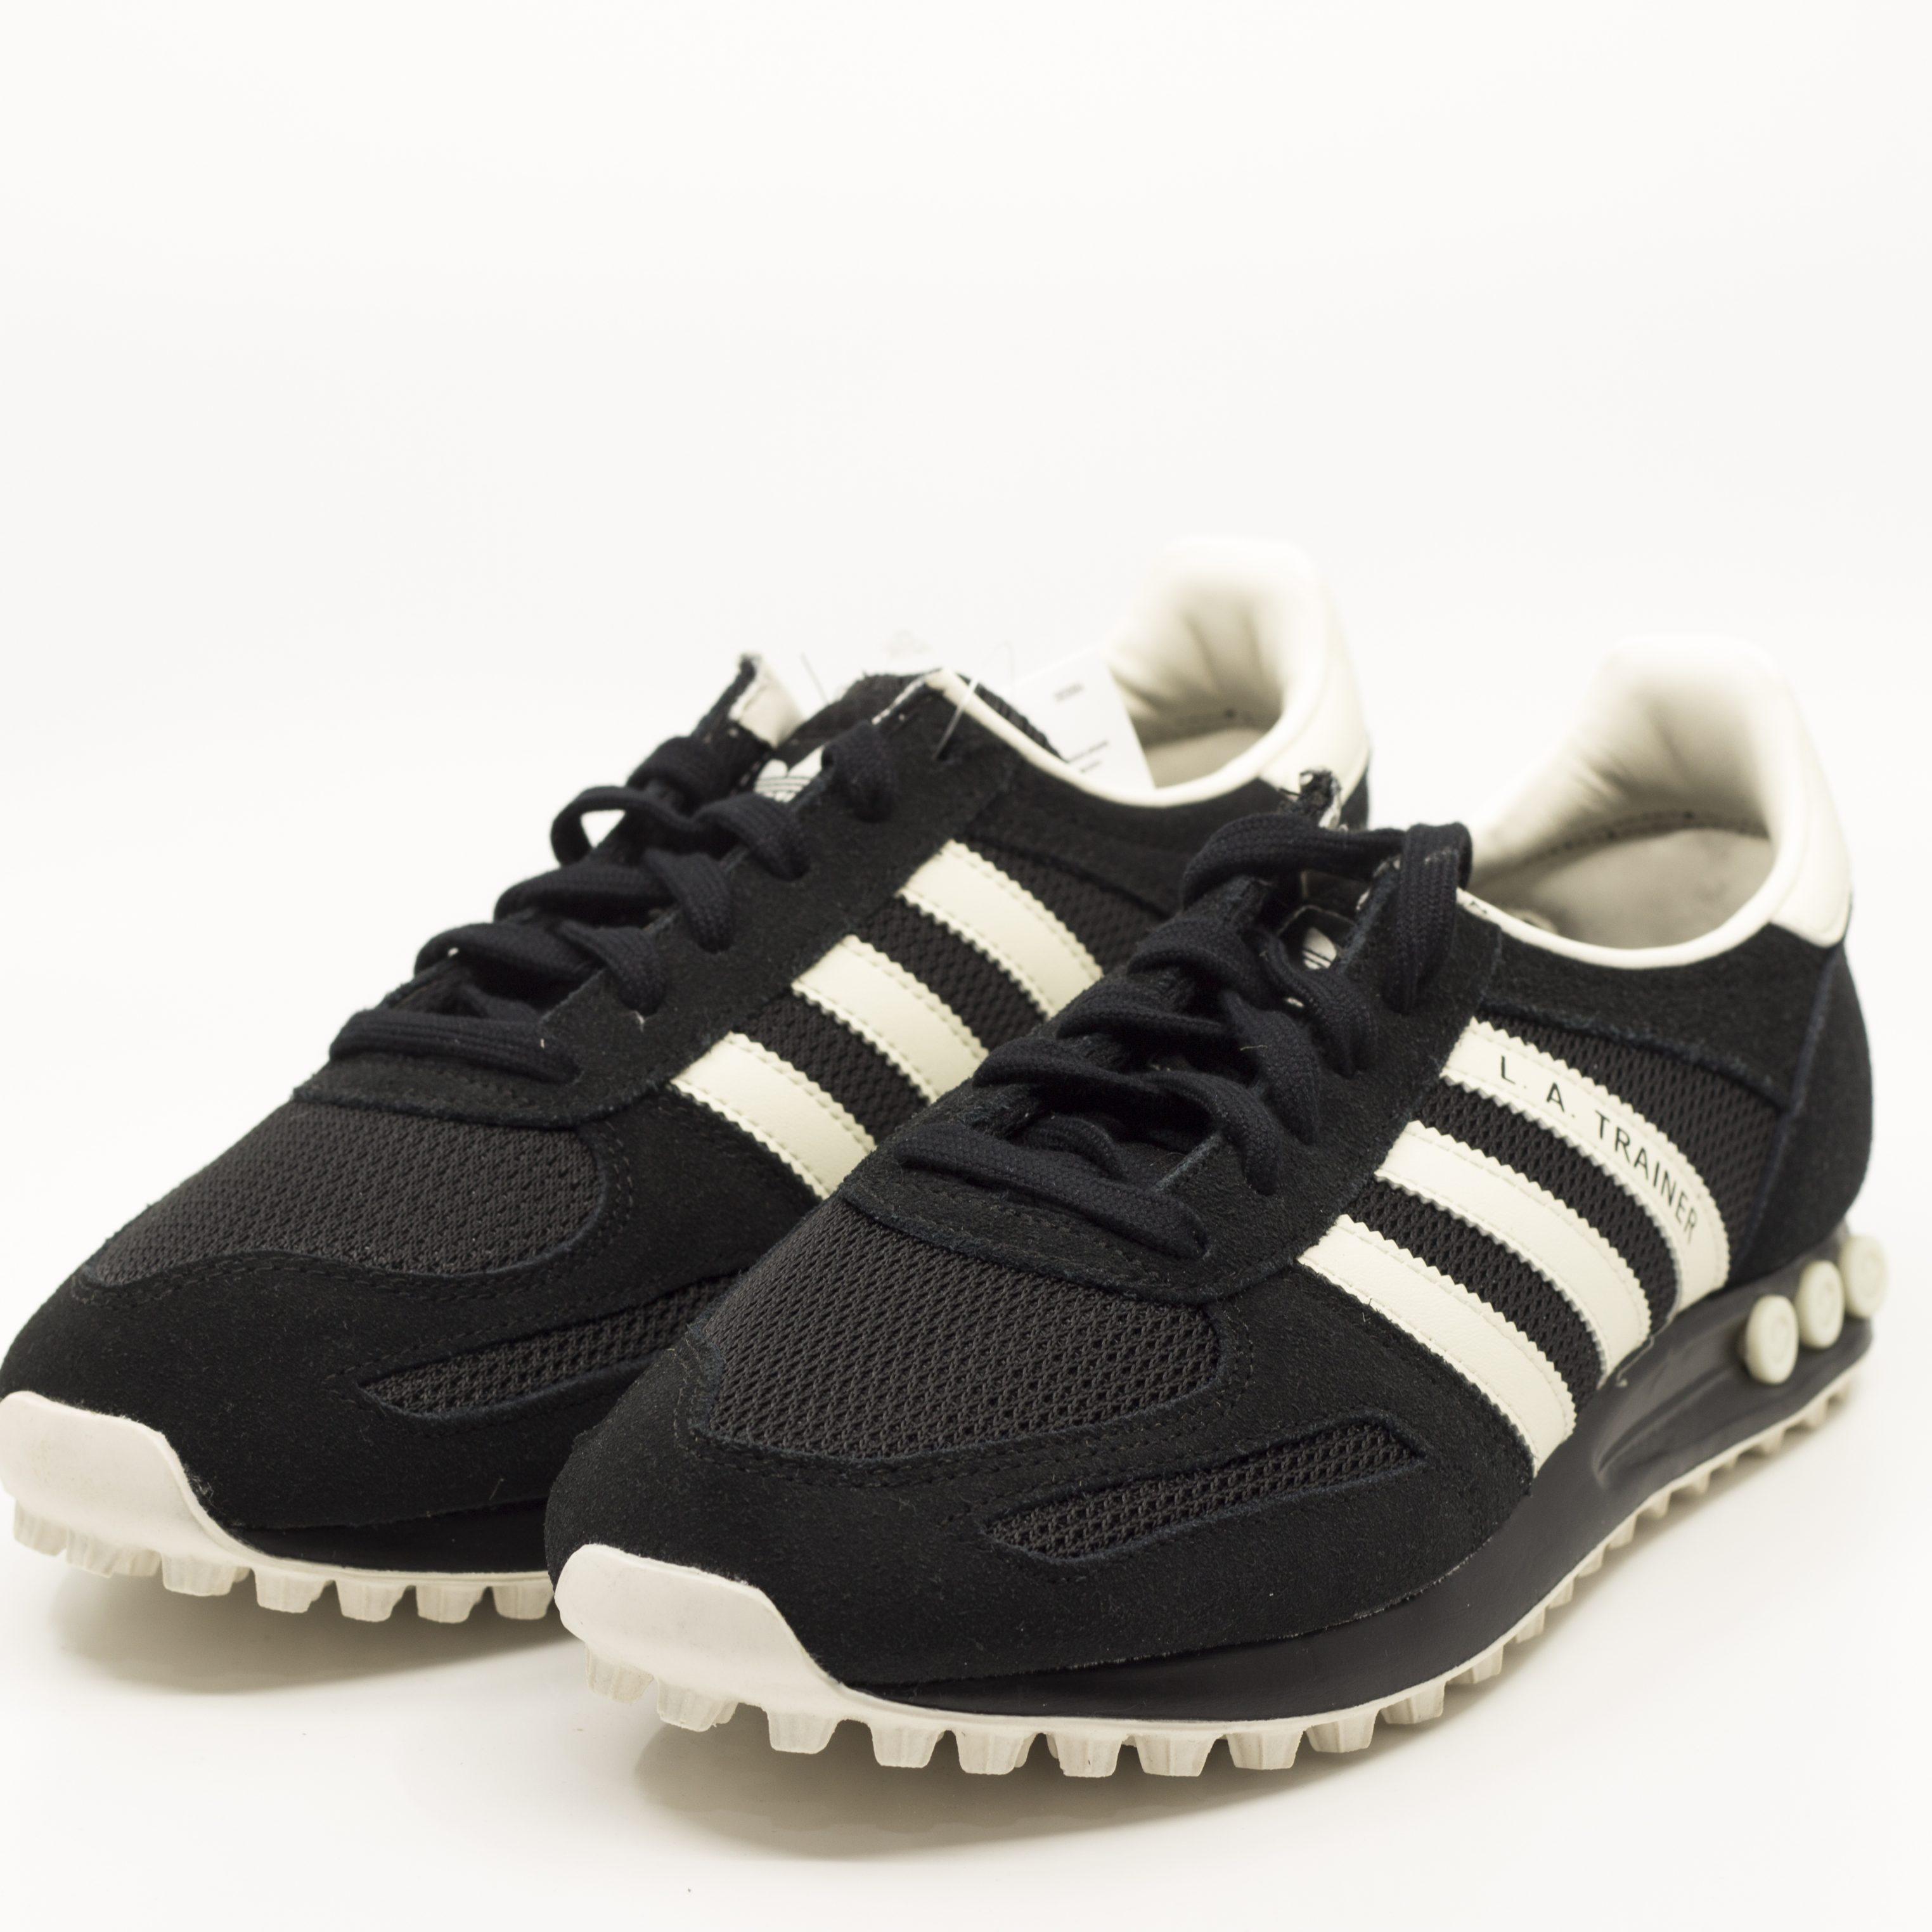 بالصور احذية رجالية , حذاء رجالي 3301 9